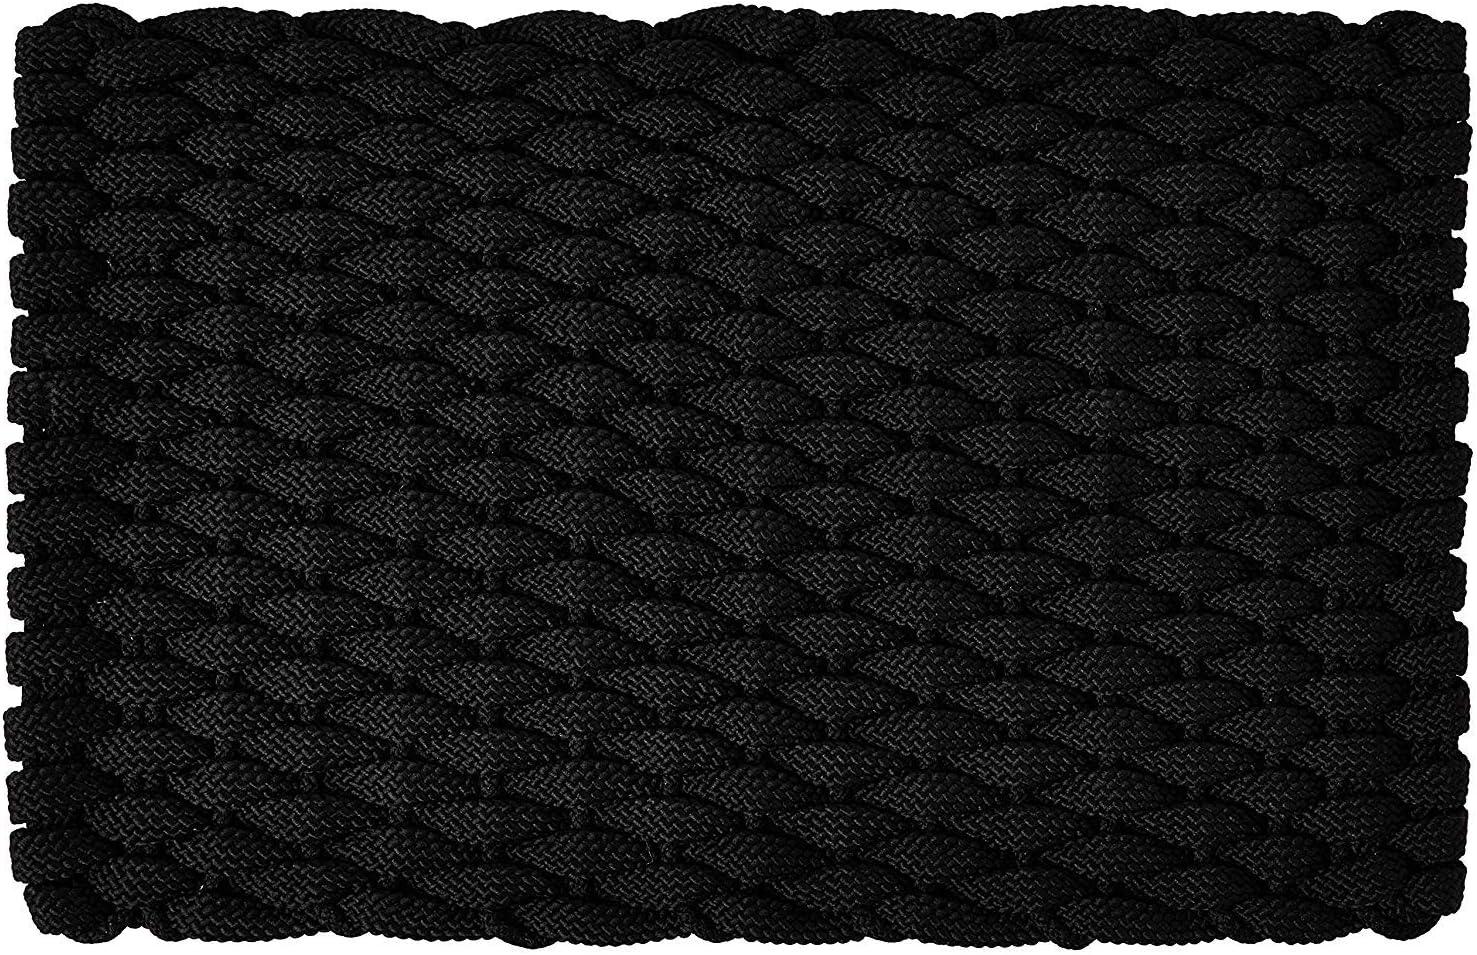 Max 69% OFF Rockport Rope Doormats 2038374 Indoor Outdoor 38